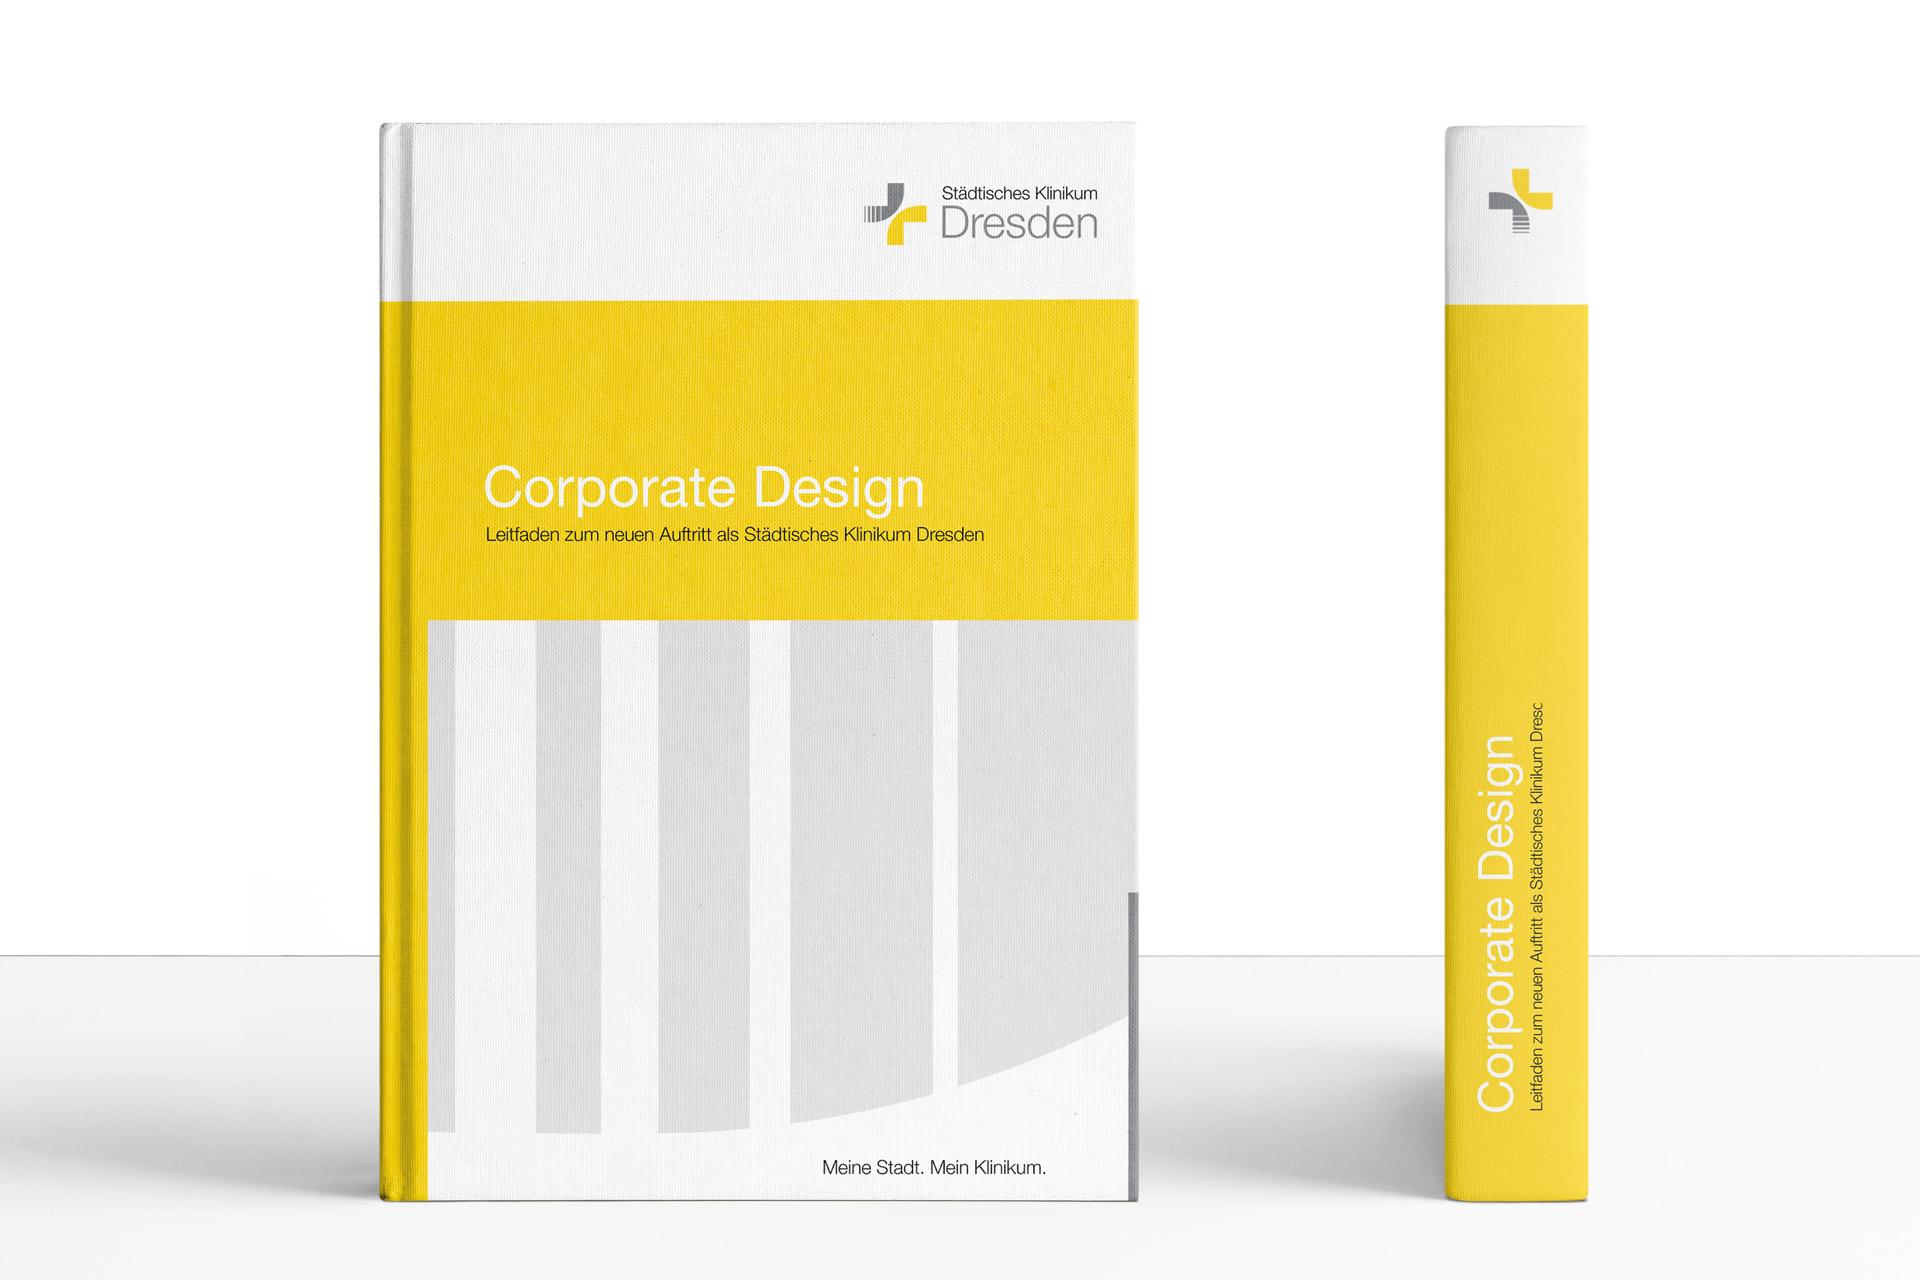 Logoentwicklung und Corporate Design in einem CD-Manual